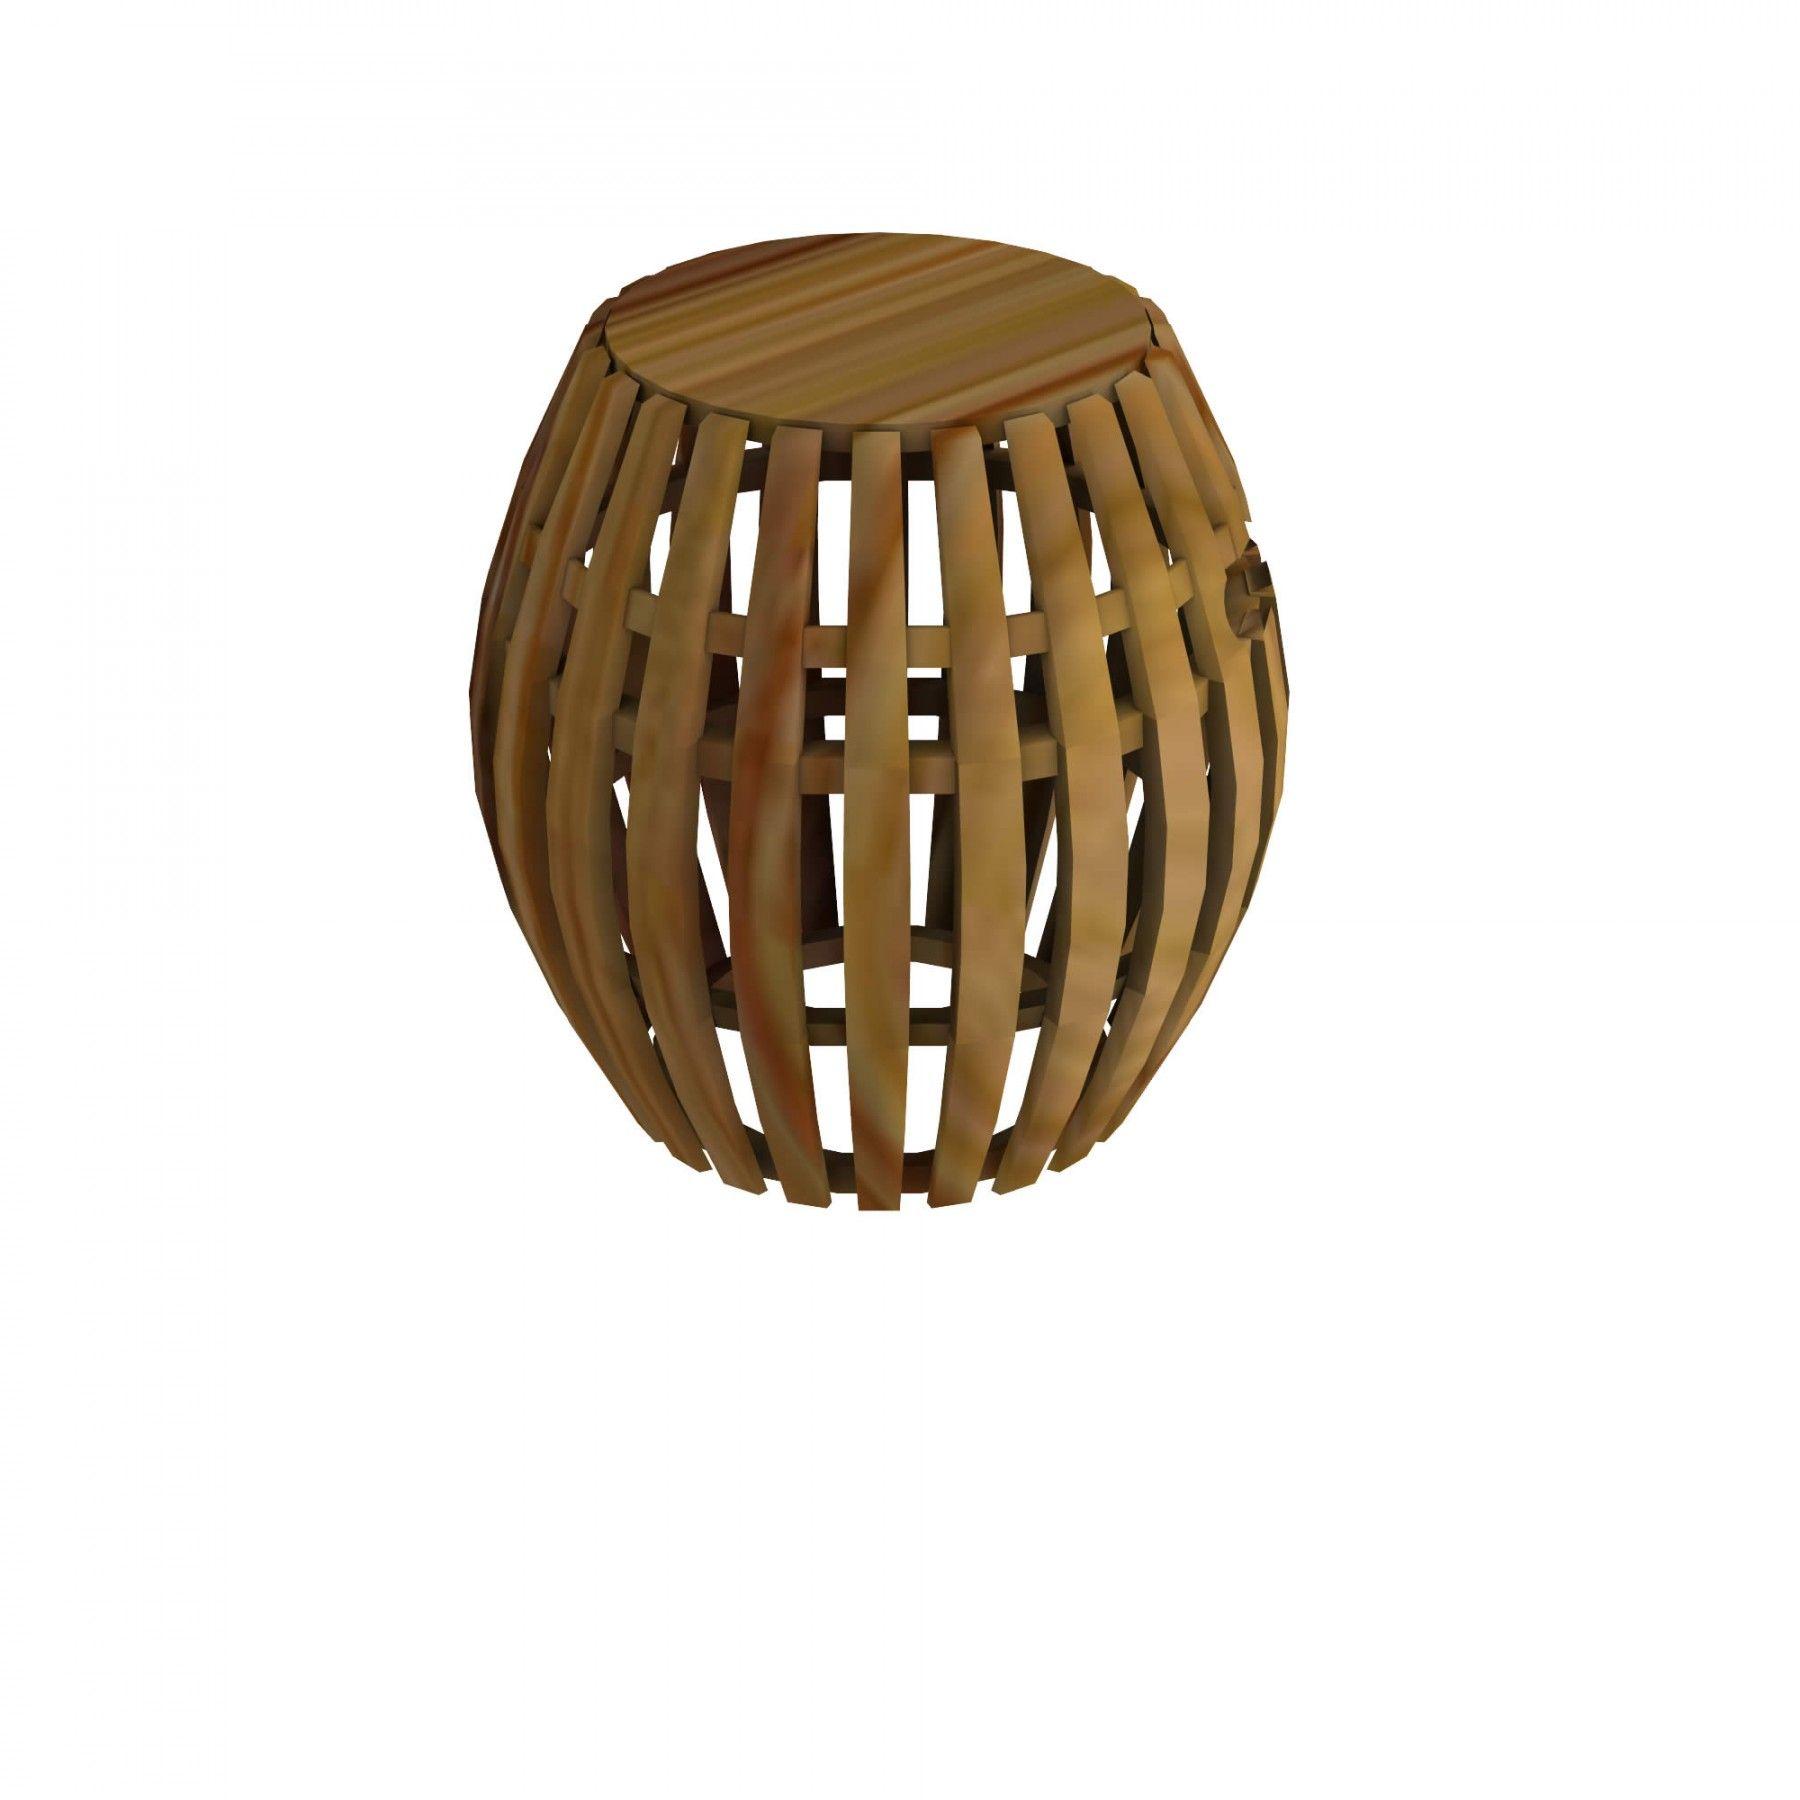 Garden stool Swing in Teak - Unopiù | Upper pool terrace & lawn area ...